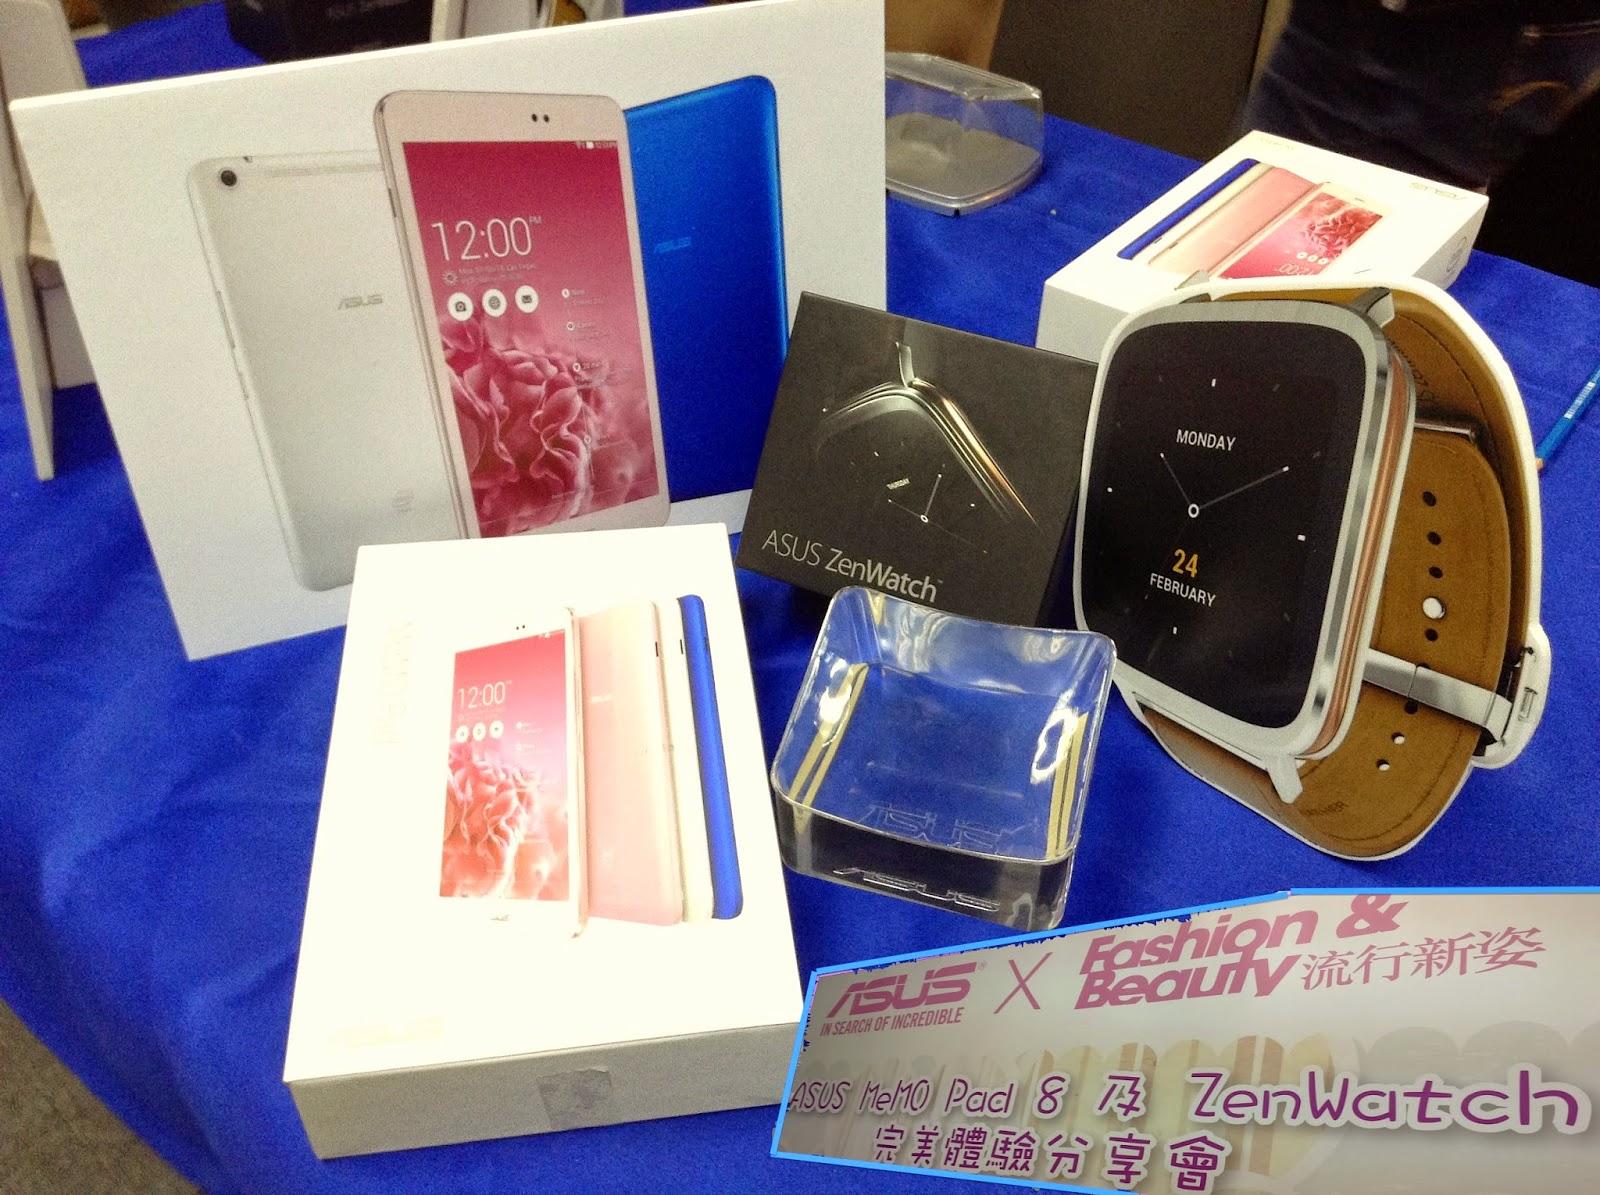 >> 粉紅色 Tablet*Fashion & Beauty x ASUS MeMo pad 8 & Zenwatch 完美體驗分享會